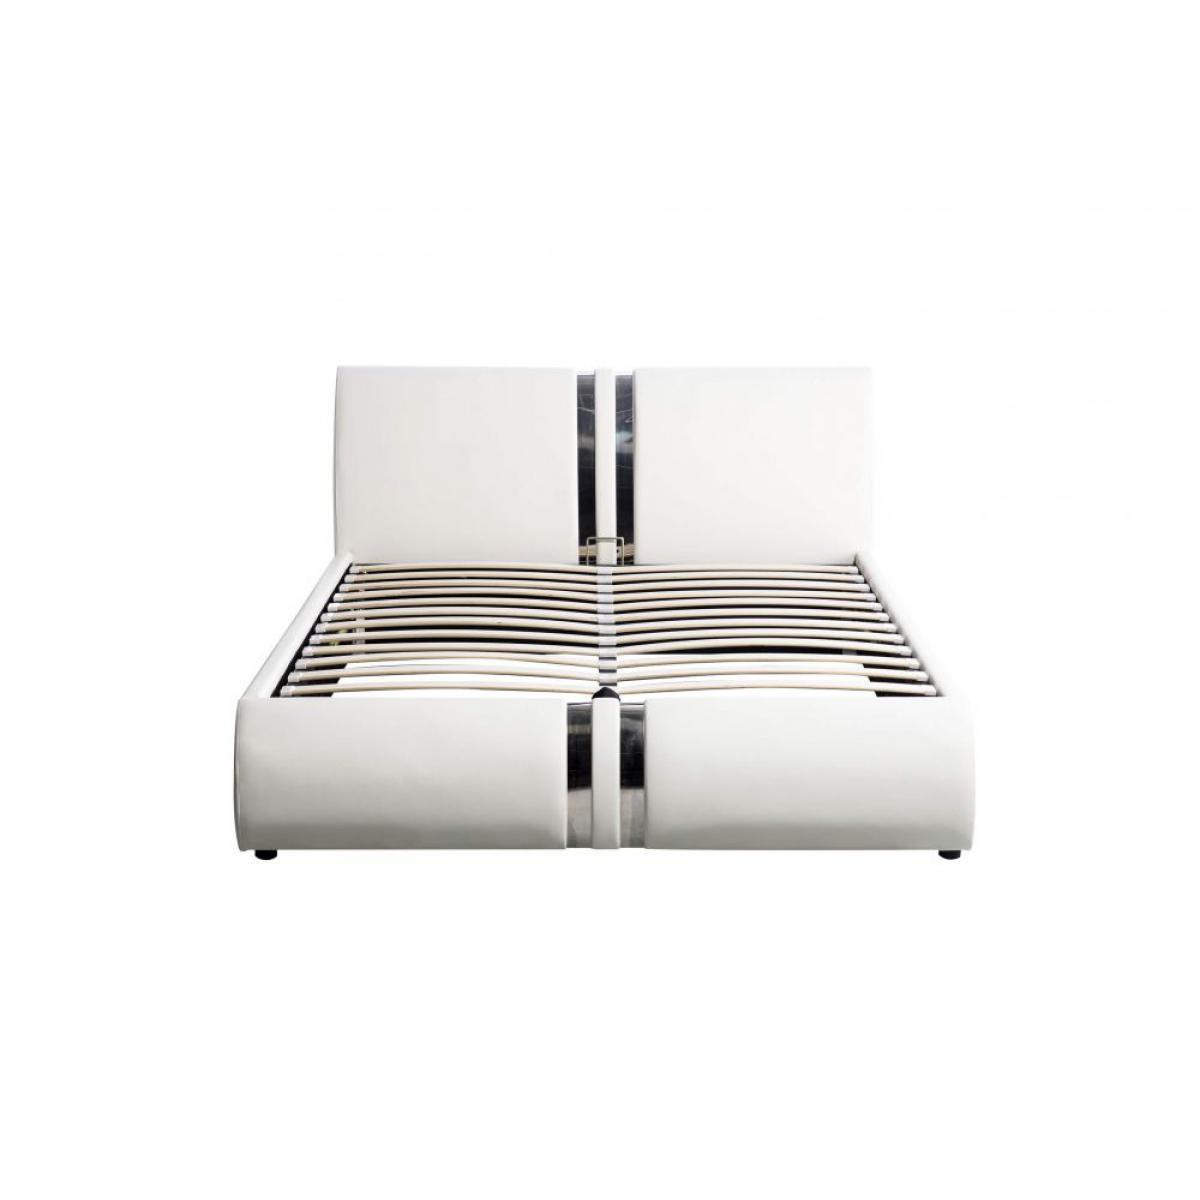 Usinestreet Cadre de lit DORY avec tête de lit, sommier à lattes et coffre de rangement en simili - Couleur - Blanc, Largeur - 160 c